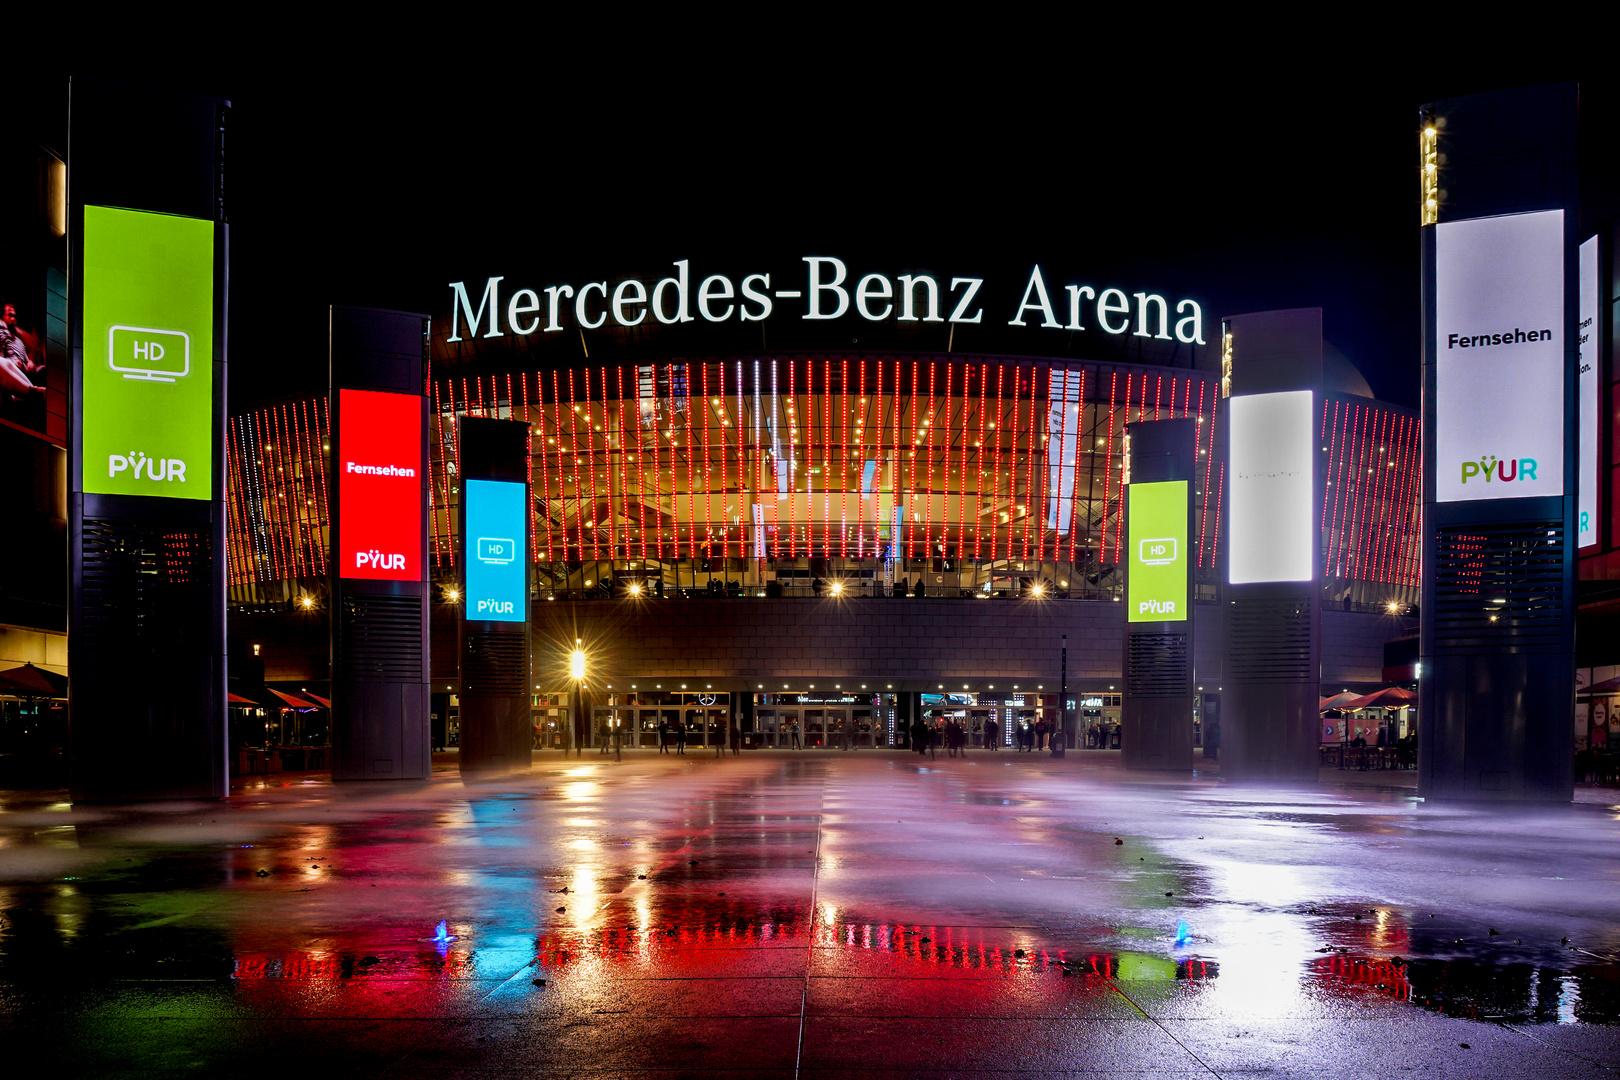 Mercedes-Benz Arena Foto & Bild | architektur, architektur ...